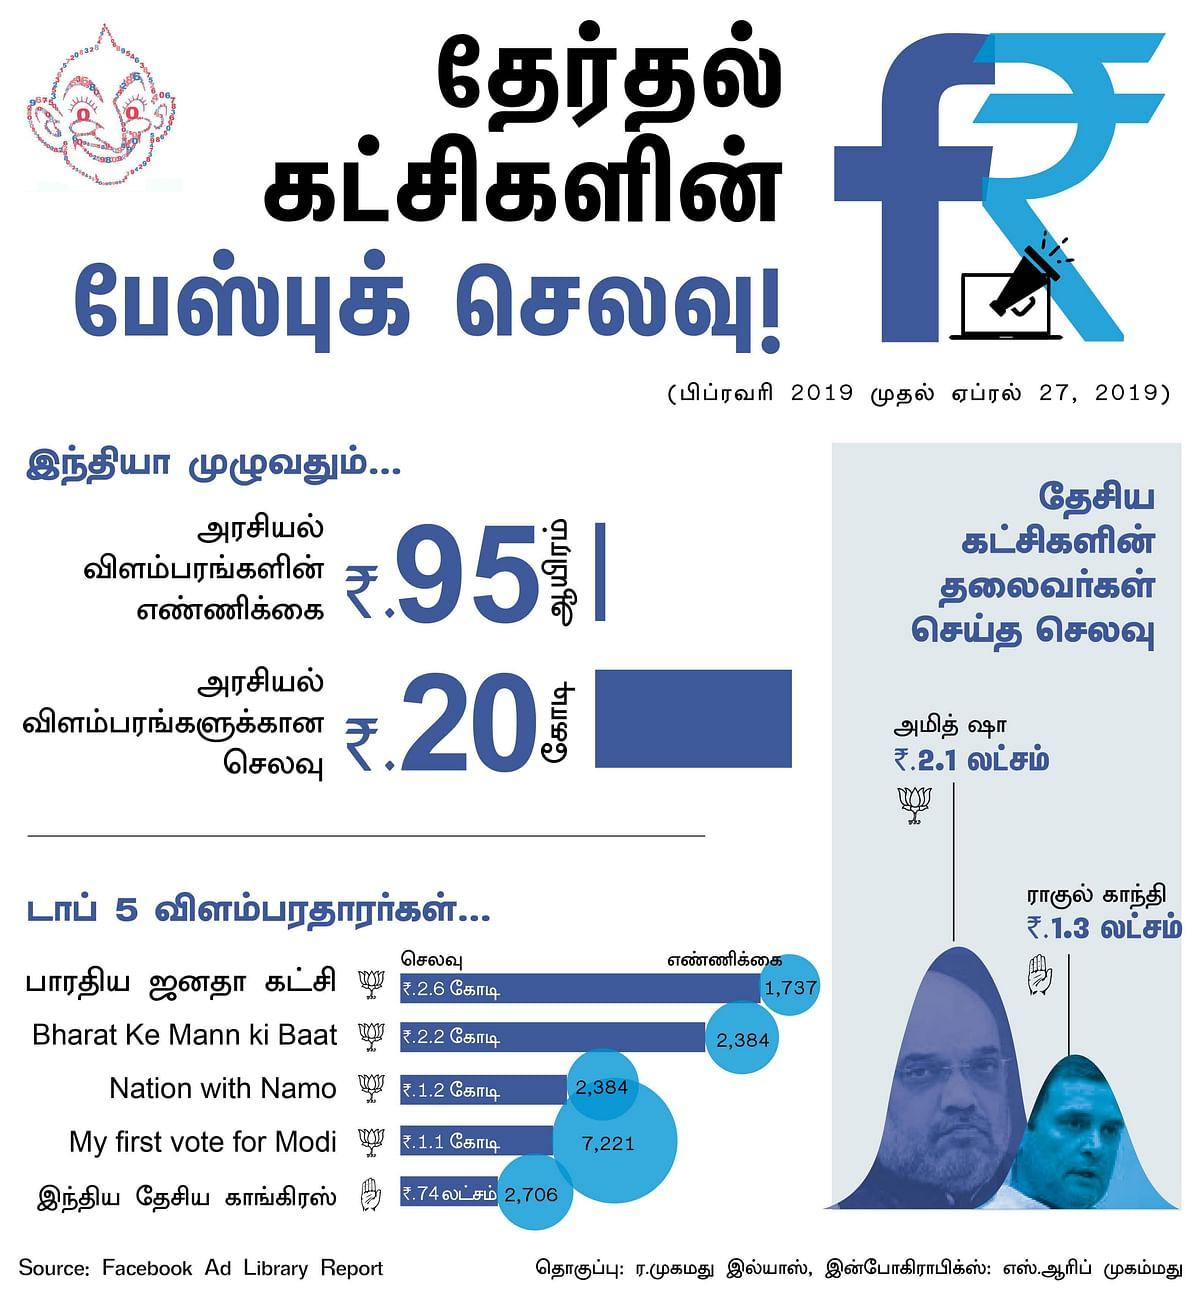 தேர்தல் பரப்புரைக்காக இணைய விளம்பரங்களில் எந்தக் கட்சி அதிகம் செலவு செய்தது? #VIkatanInfographics